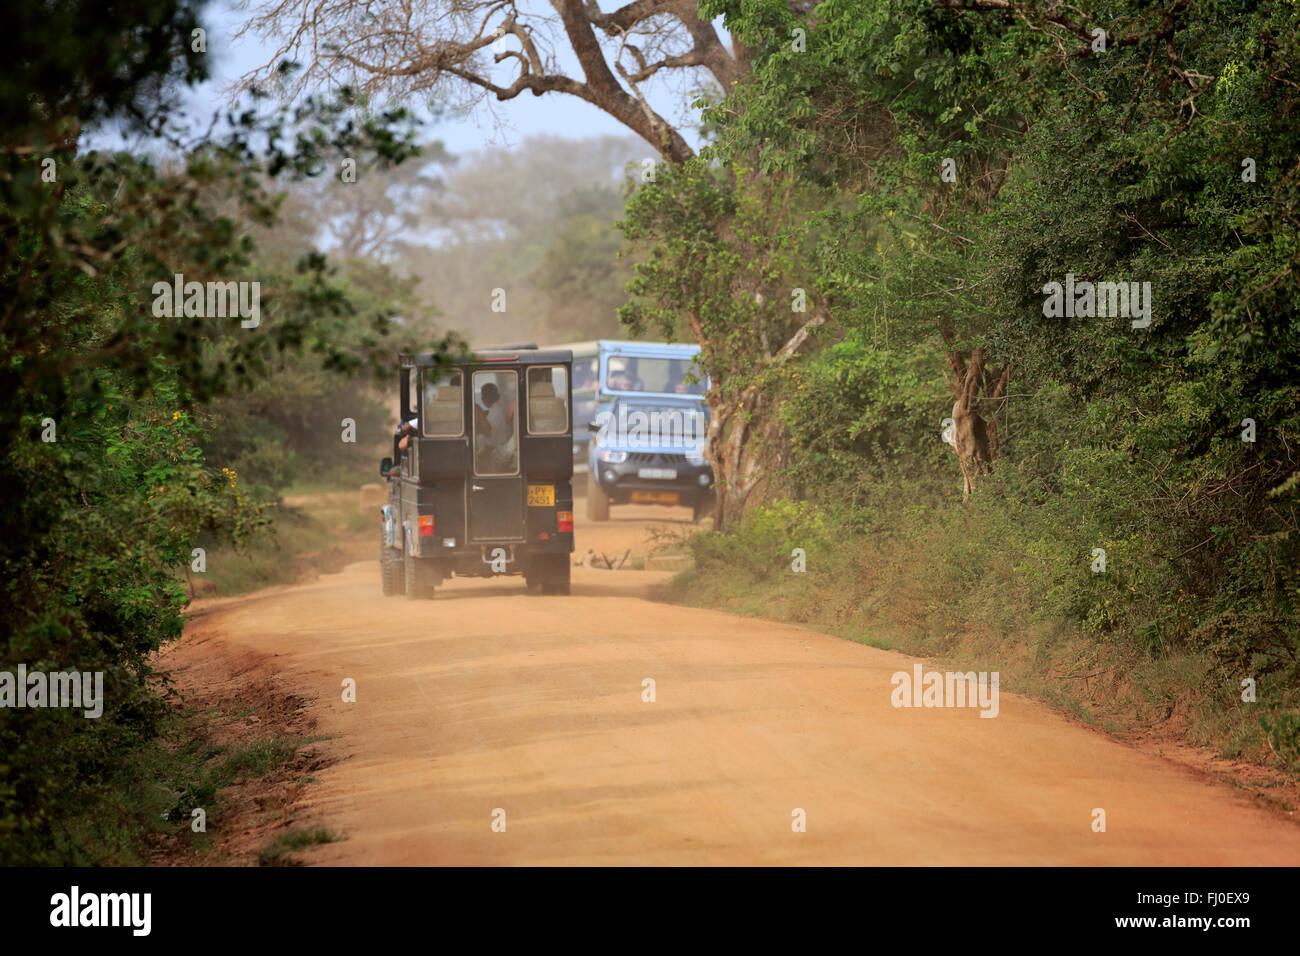 Safari veicolo, gamedrive con turisti in Yala Nationalpark, Yala Nationalpark, Sri Lanka, Asia Foto Stock